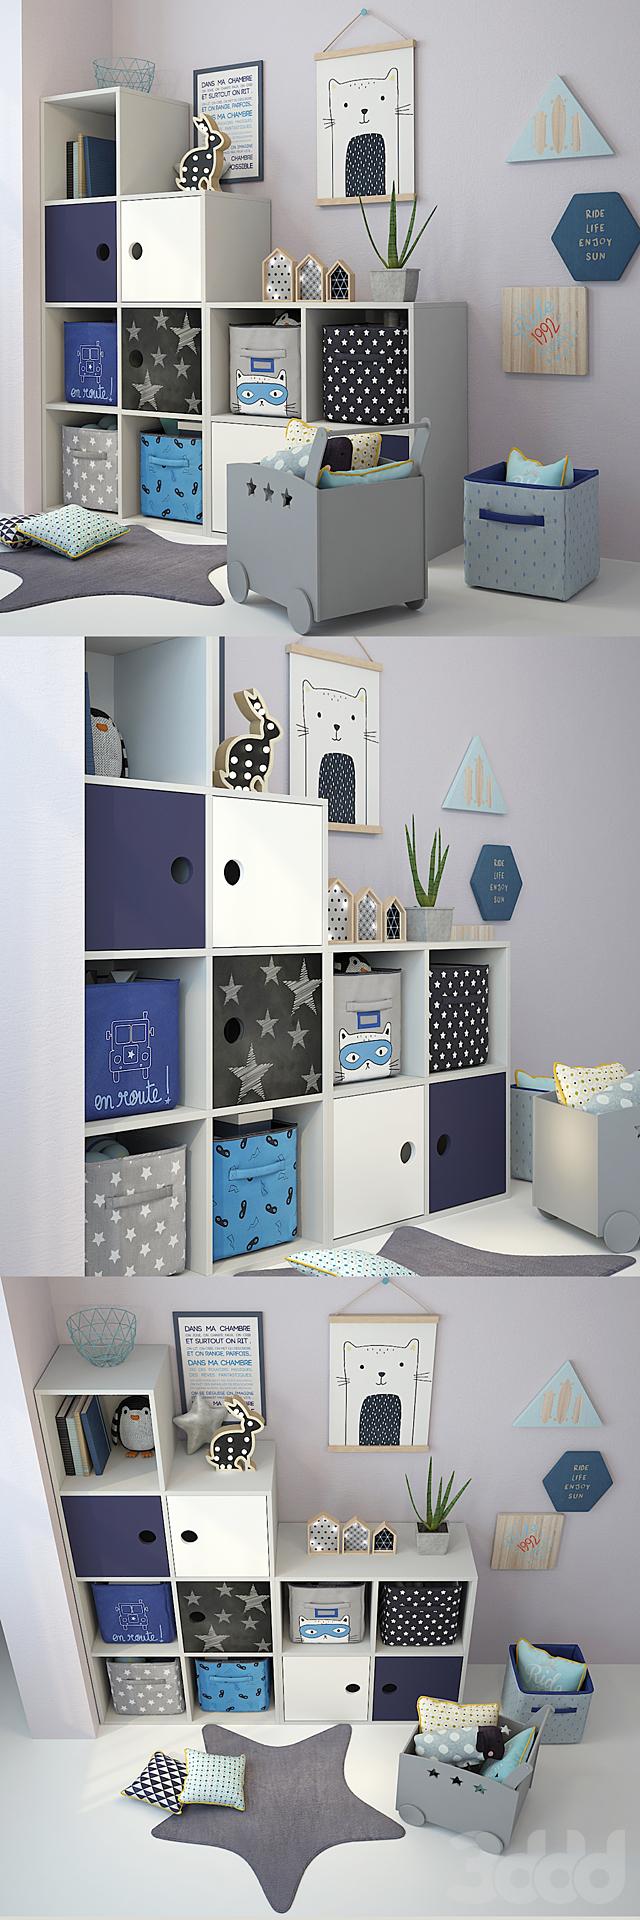 Детская мебель и аксессуары 9